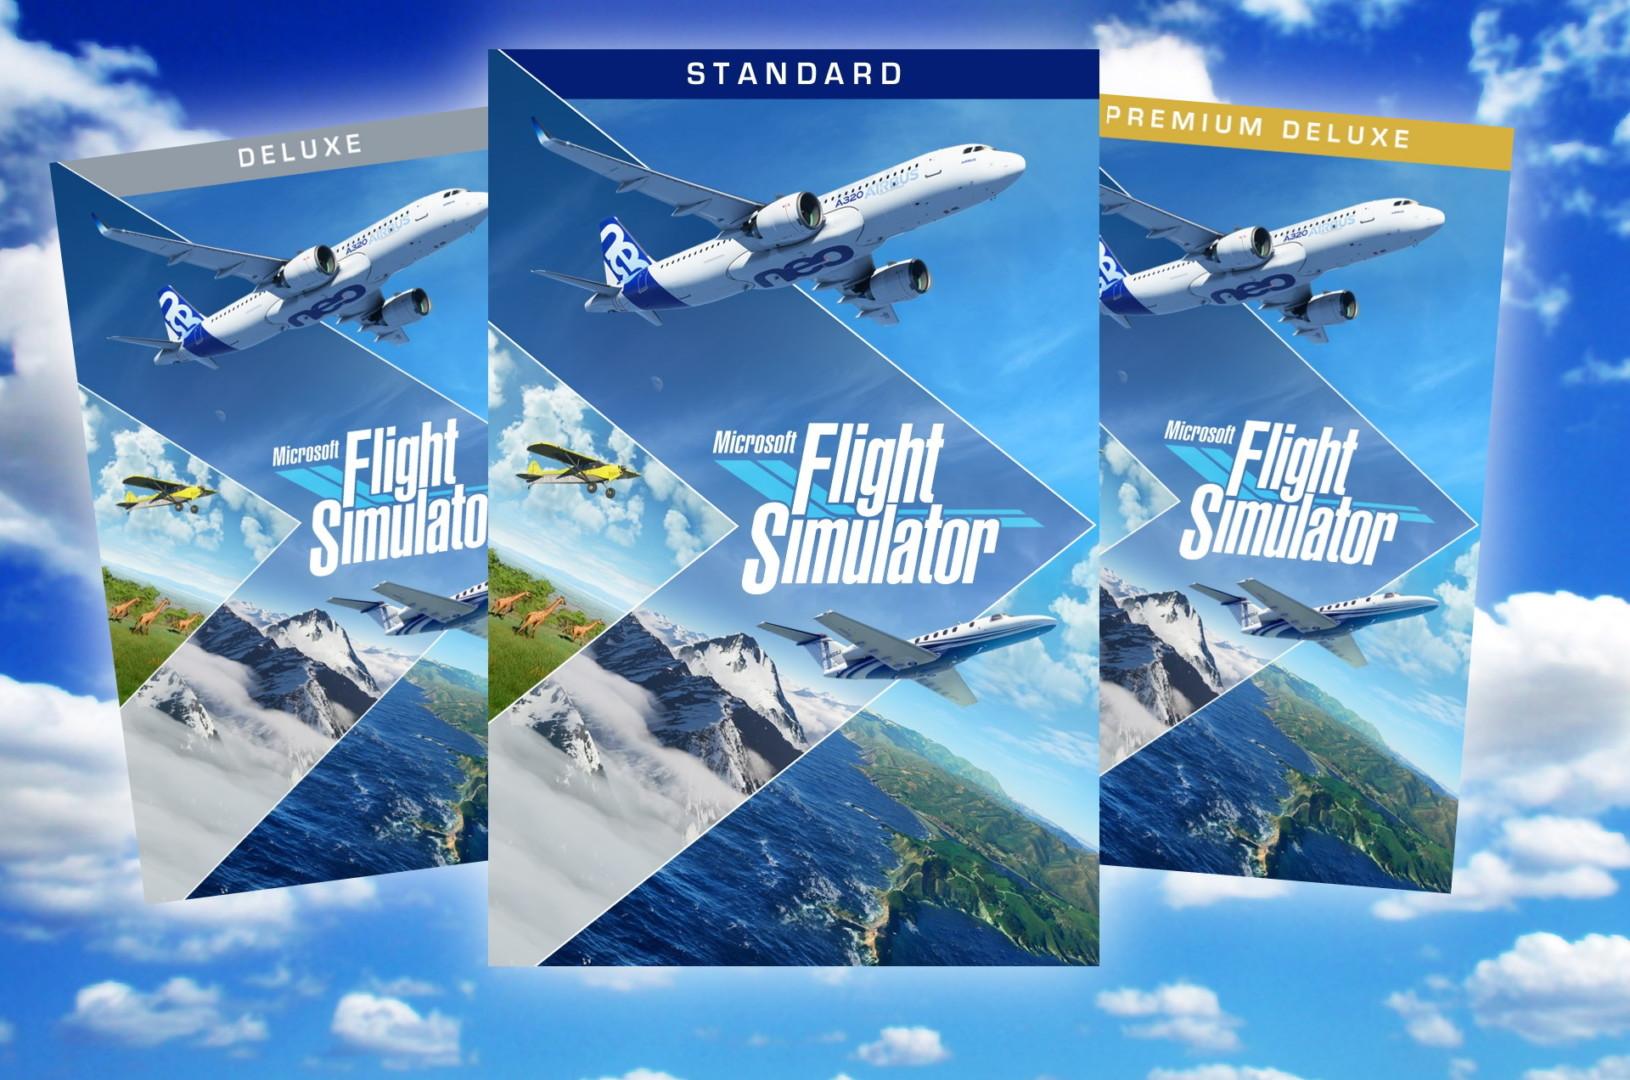 Microsoft Flight Simulator Standard Premium Premium Deluxe